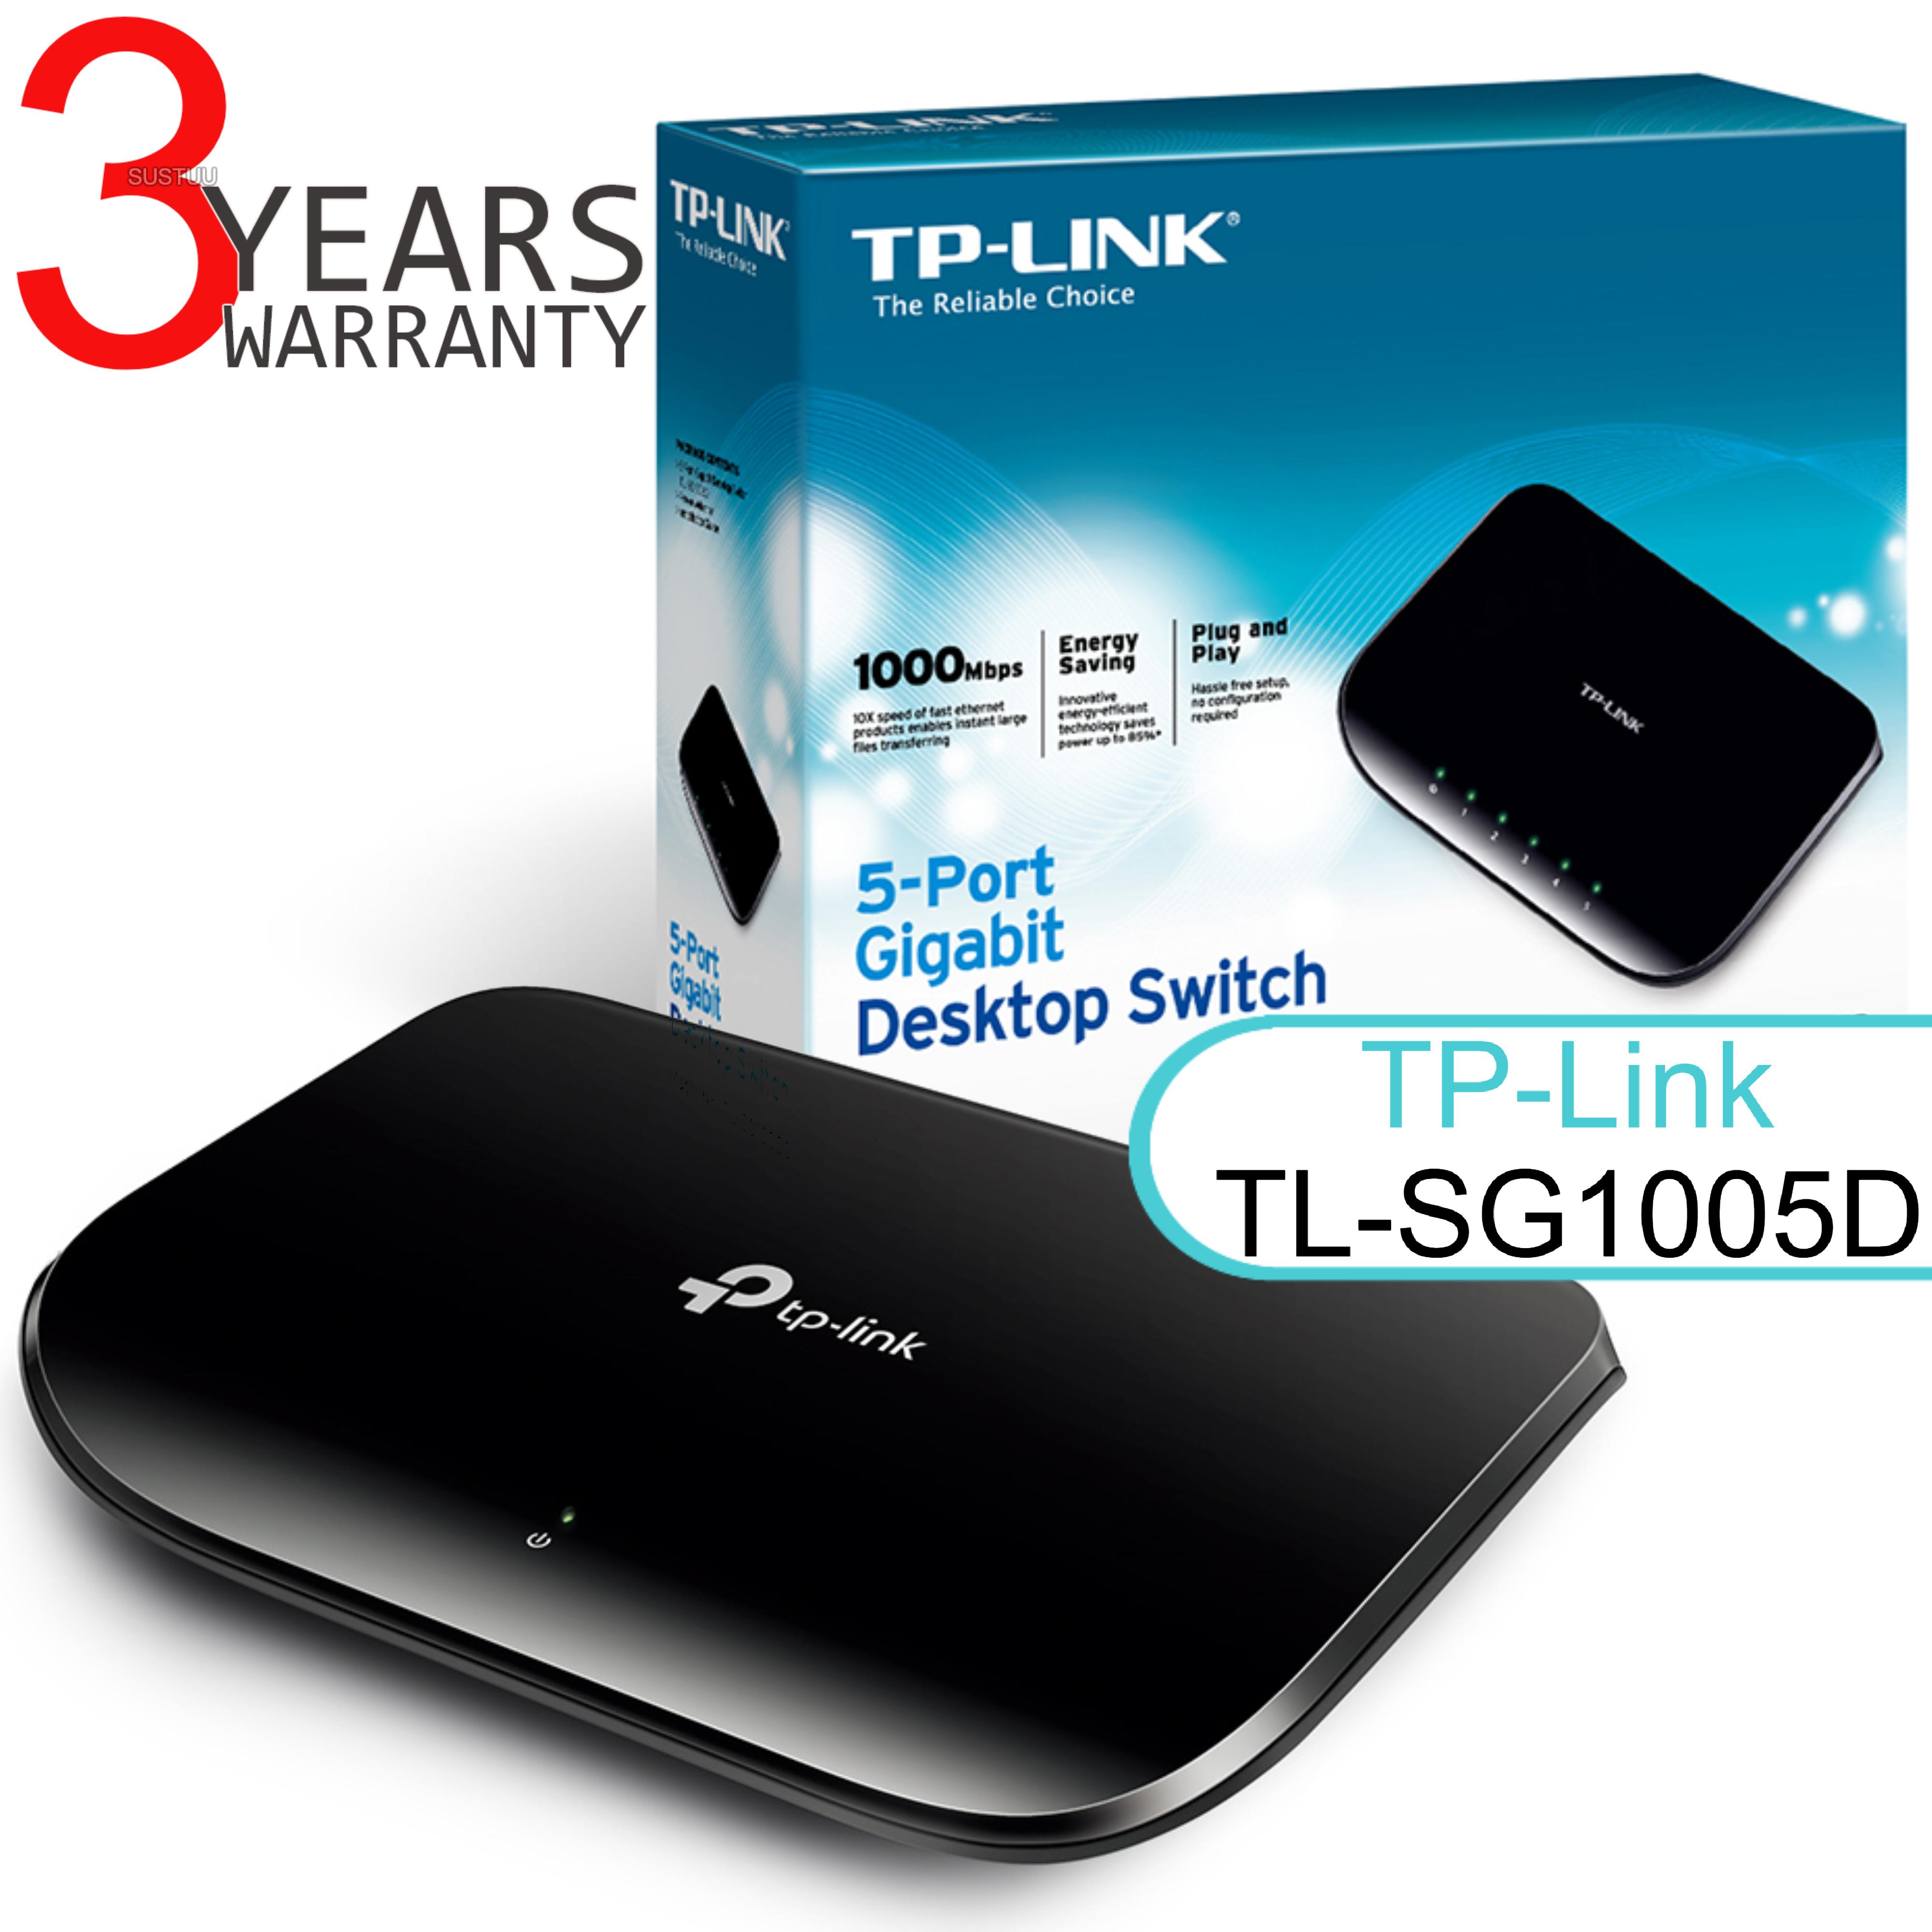 TP-Link TL-SG1005D V6|5-port Desktop Gigabit Switch|10/100/1000Mbps|Plug & Play